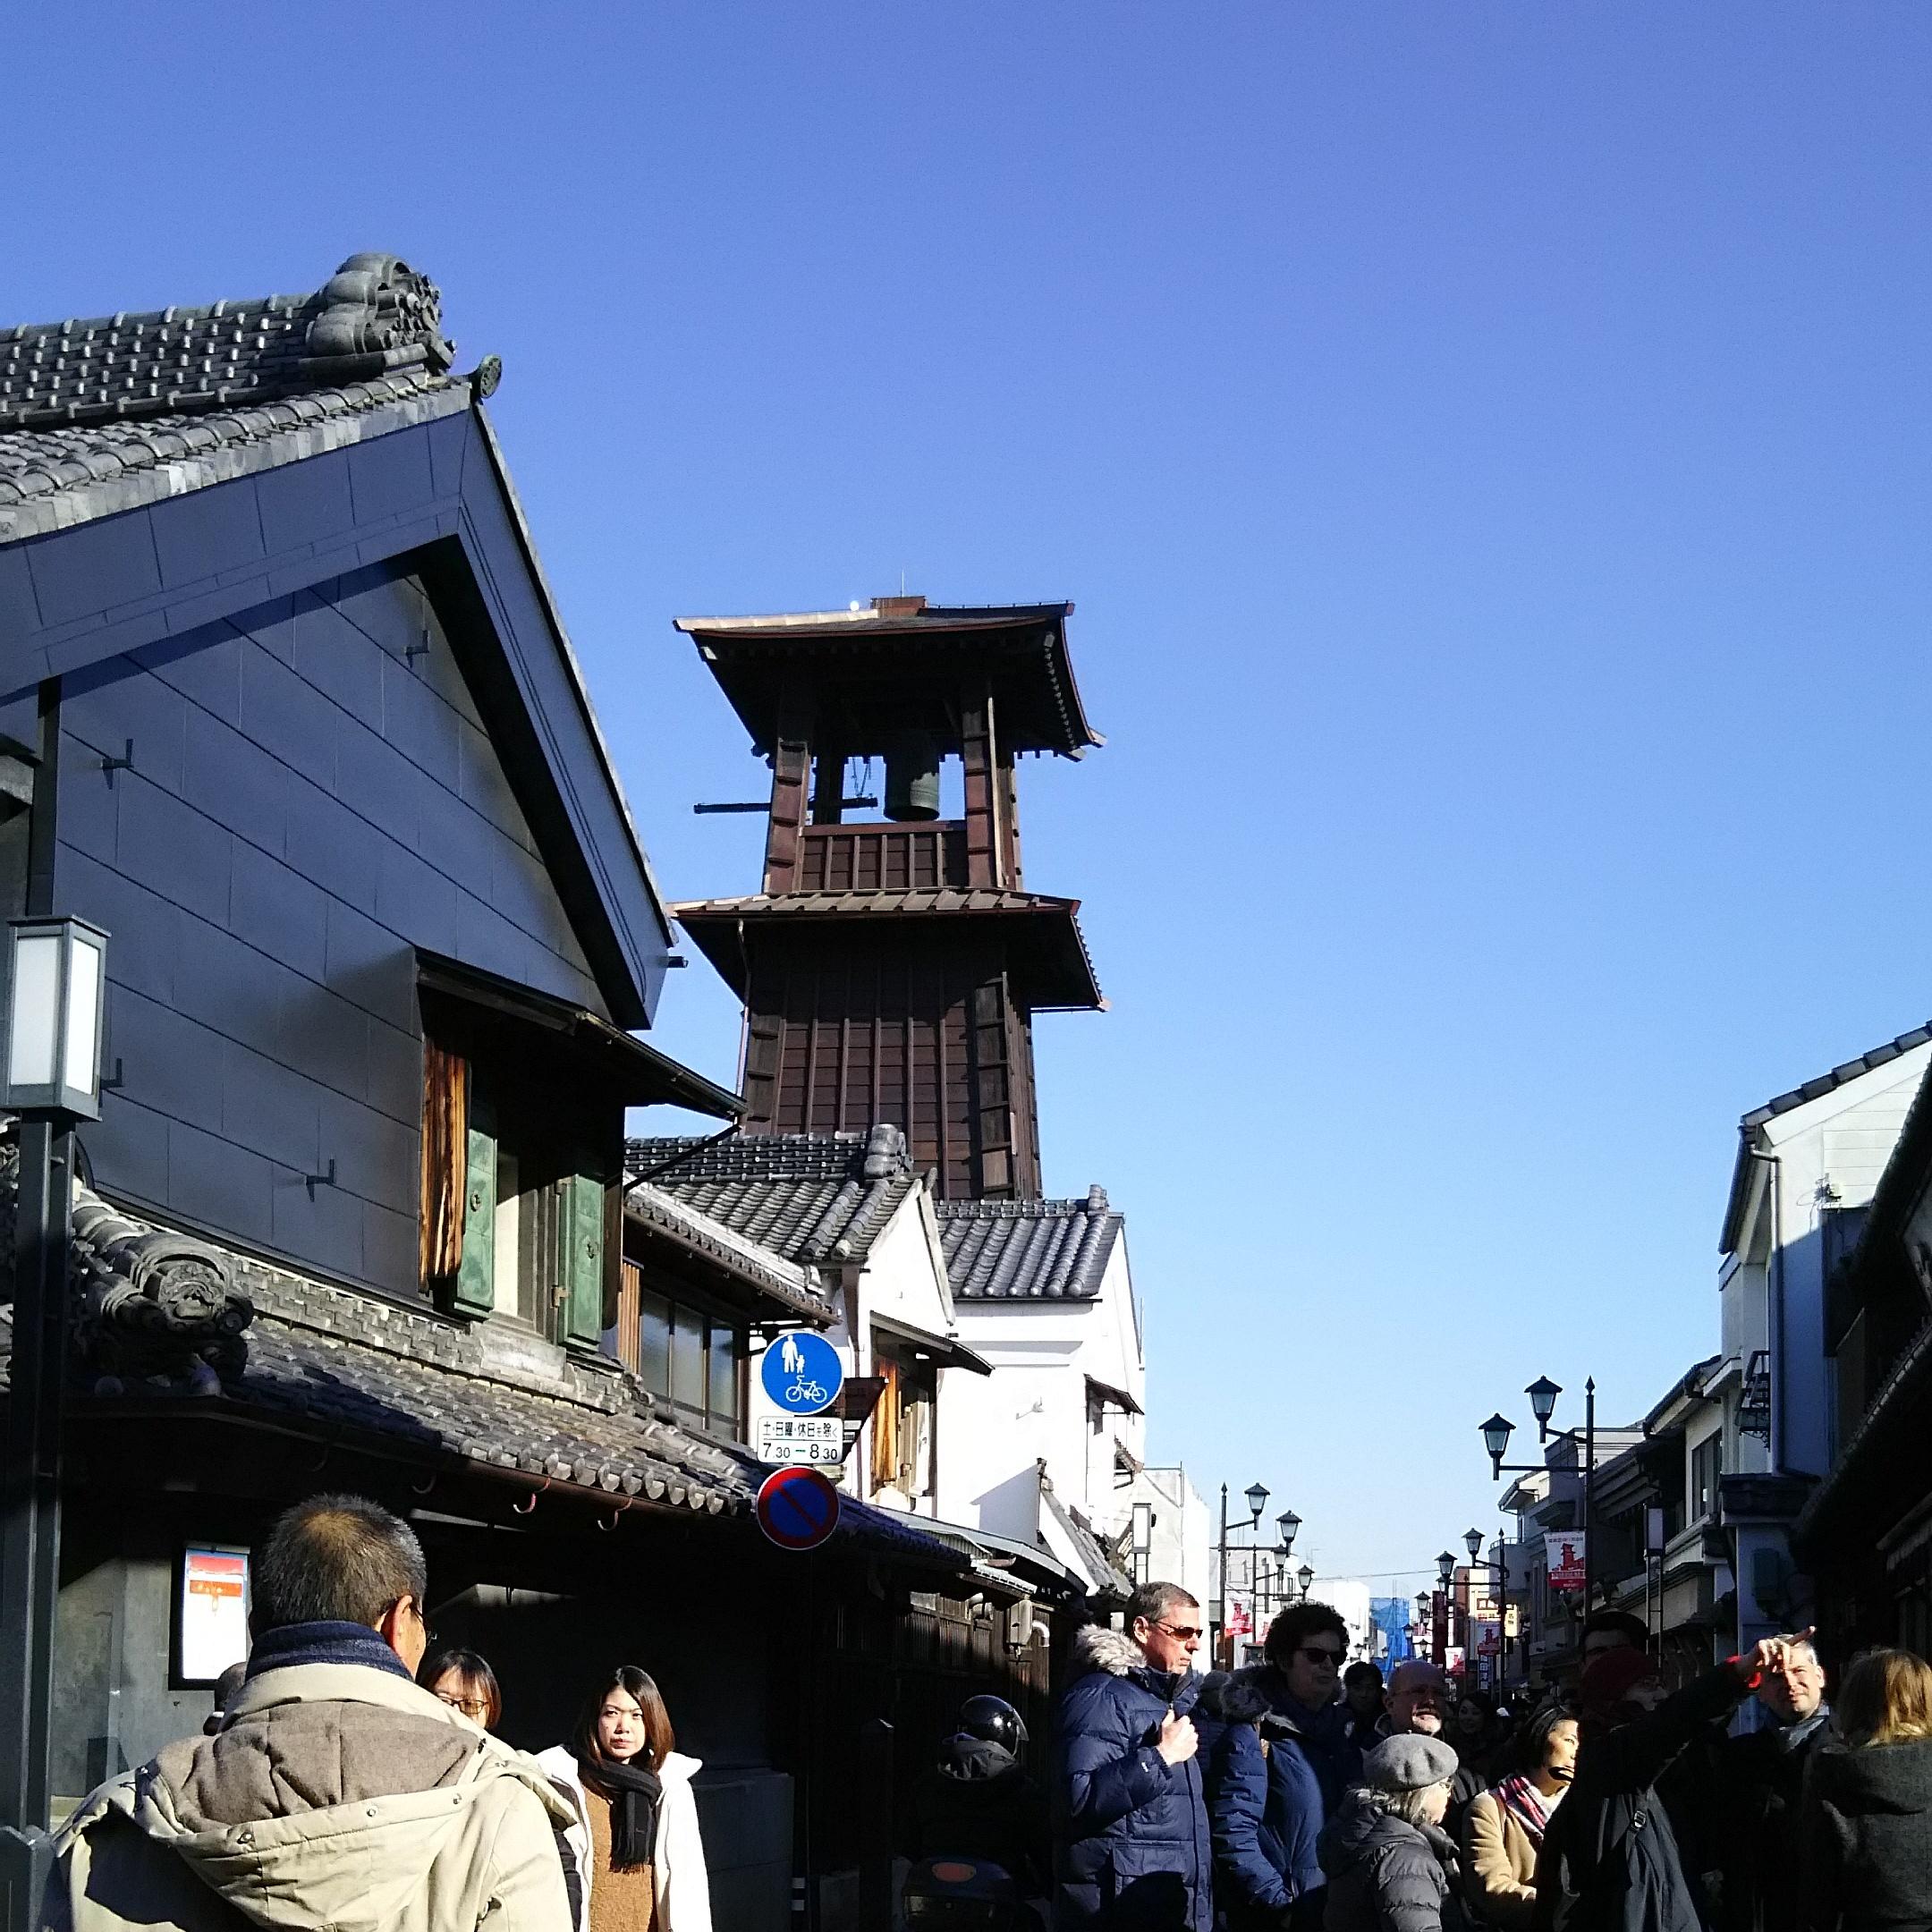 小江戸川越のシンボル、時の鐘。